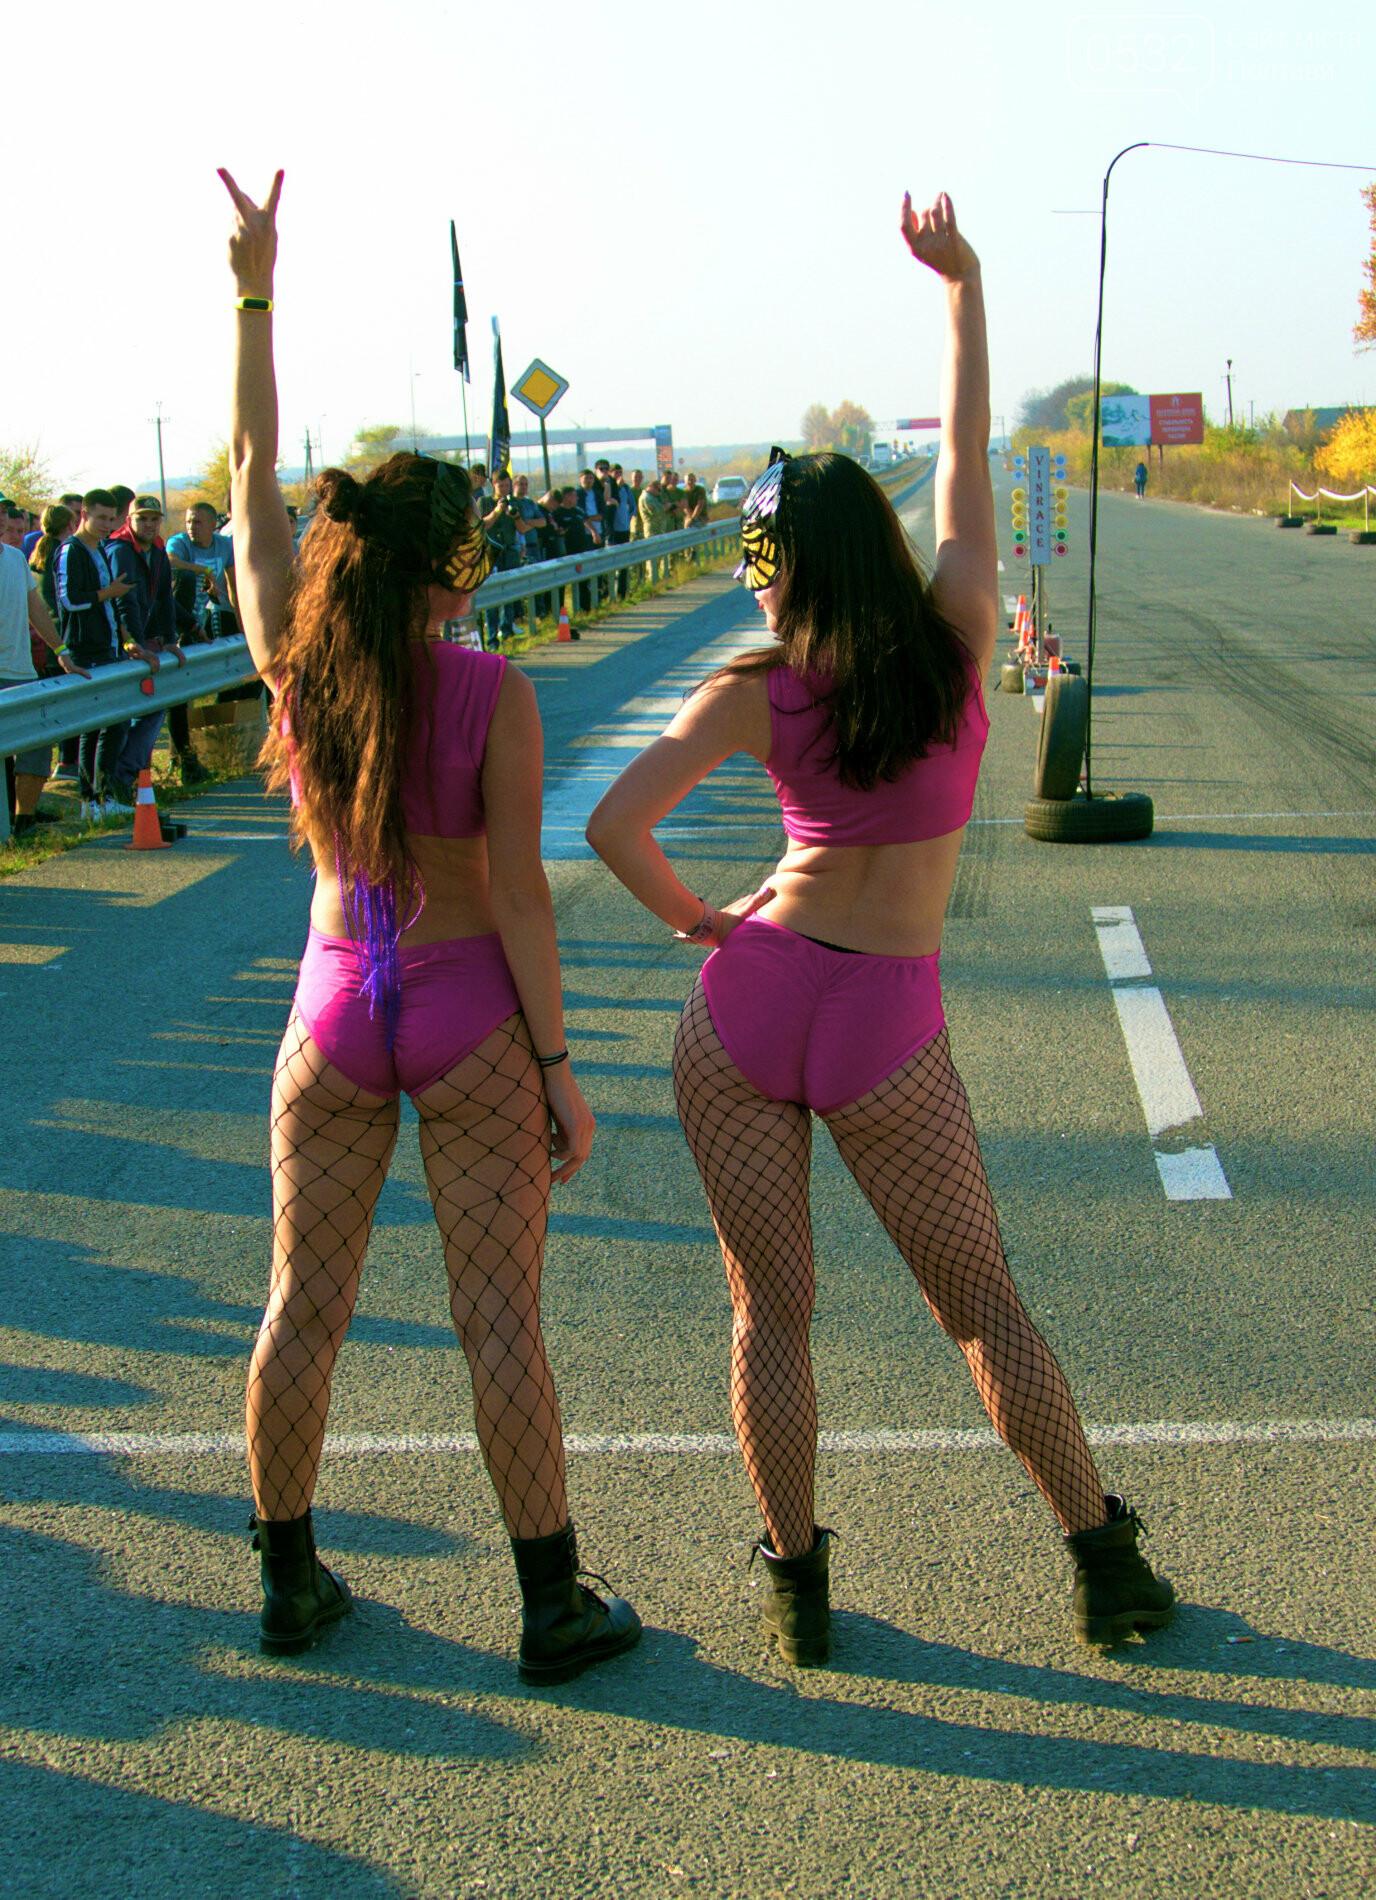 У Полтаві на трасі ганяли машини і танцювали розкішні красуні (ВІДЕО, ФОТО), фото-3